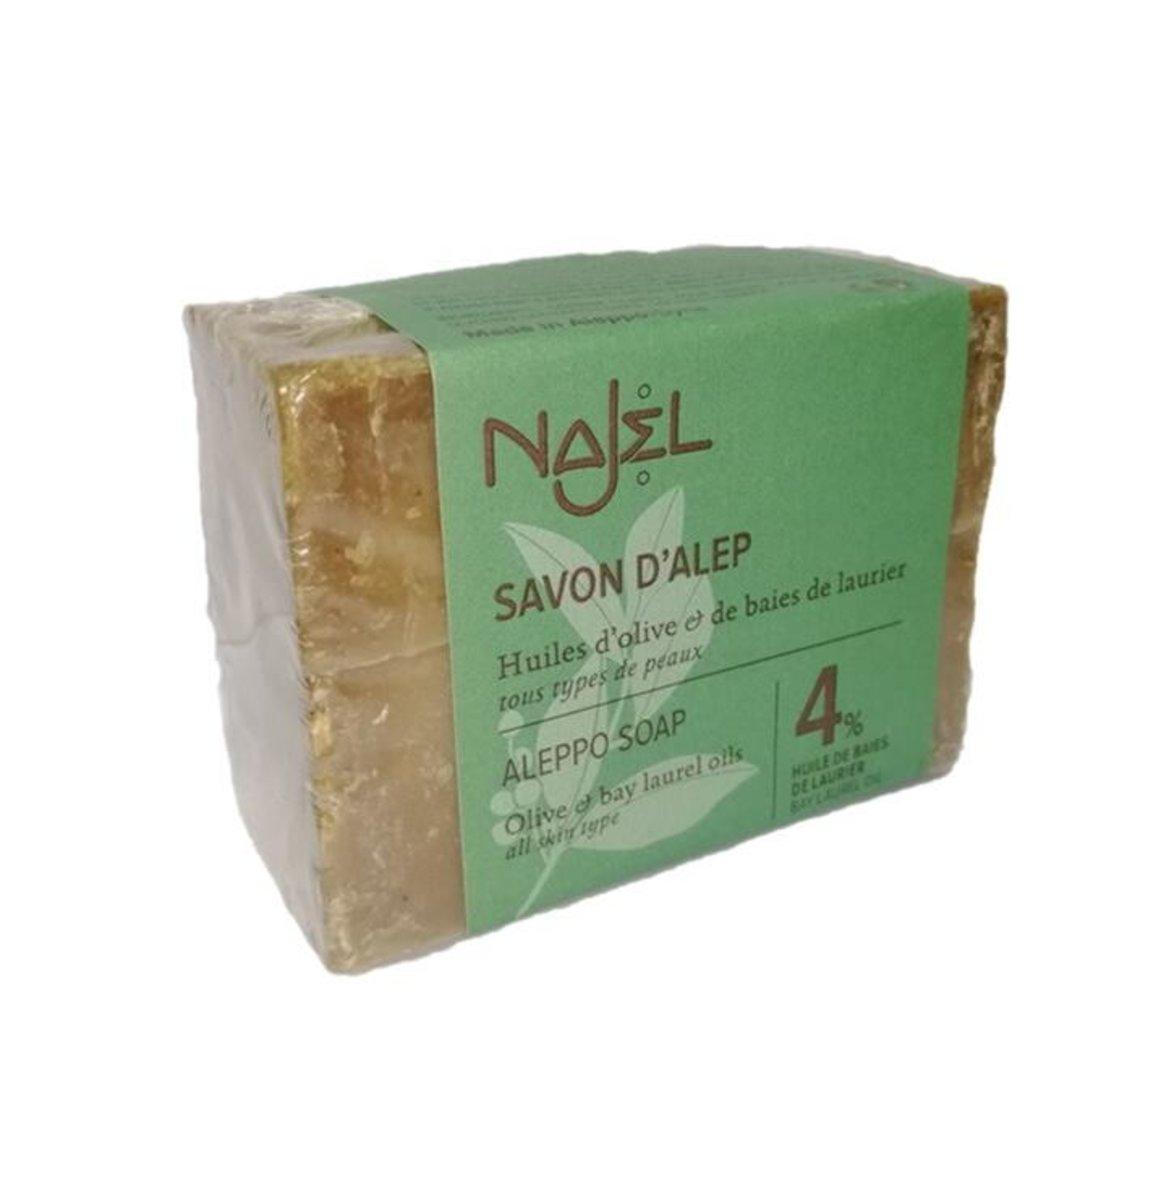 4% 月桂油敍利亞阿勒頗手工古皂(155g)